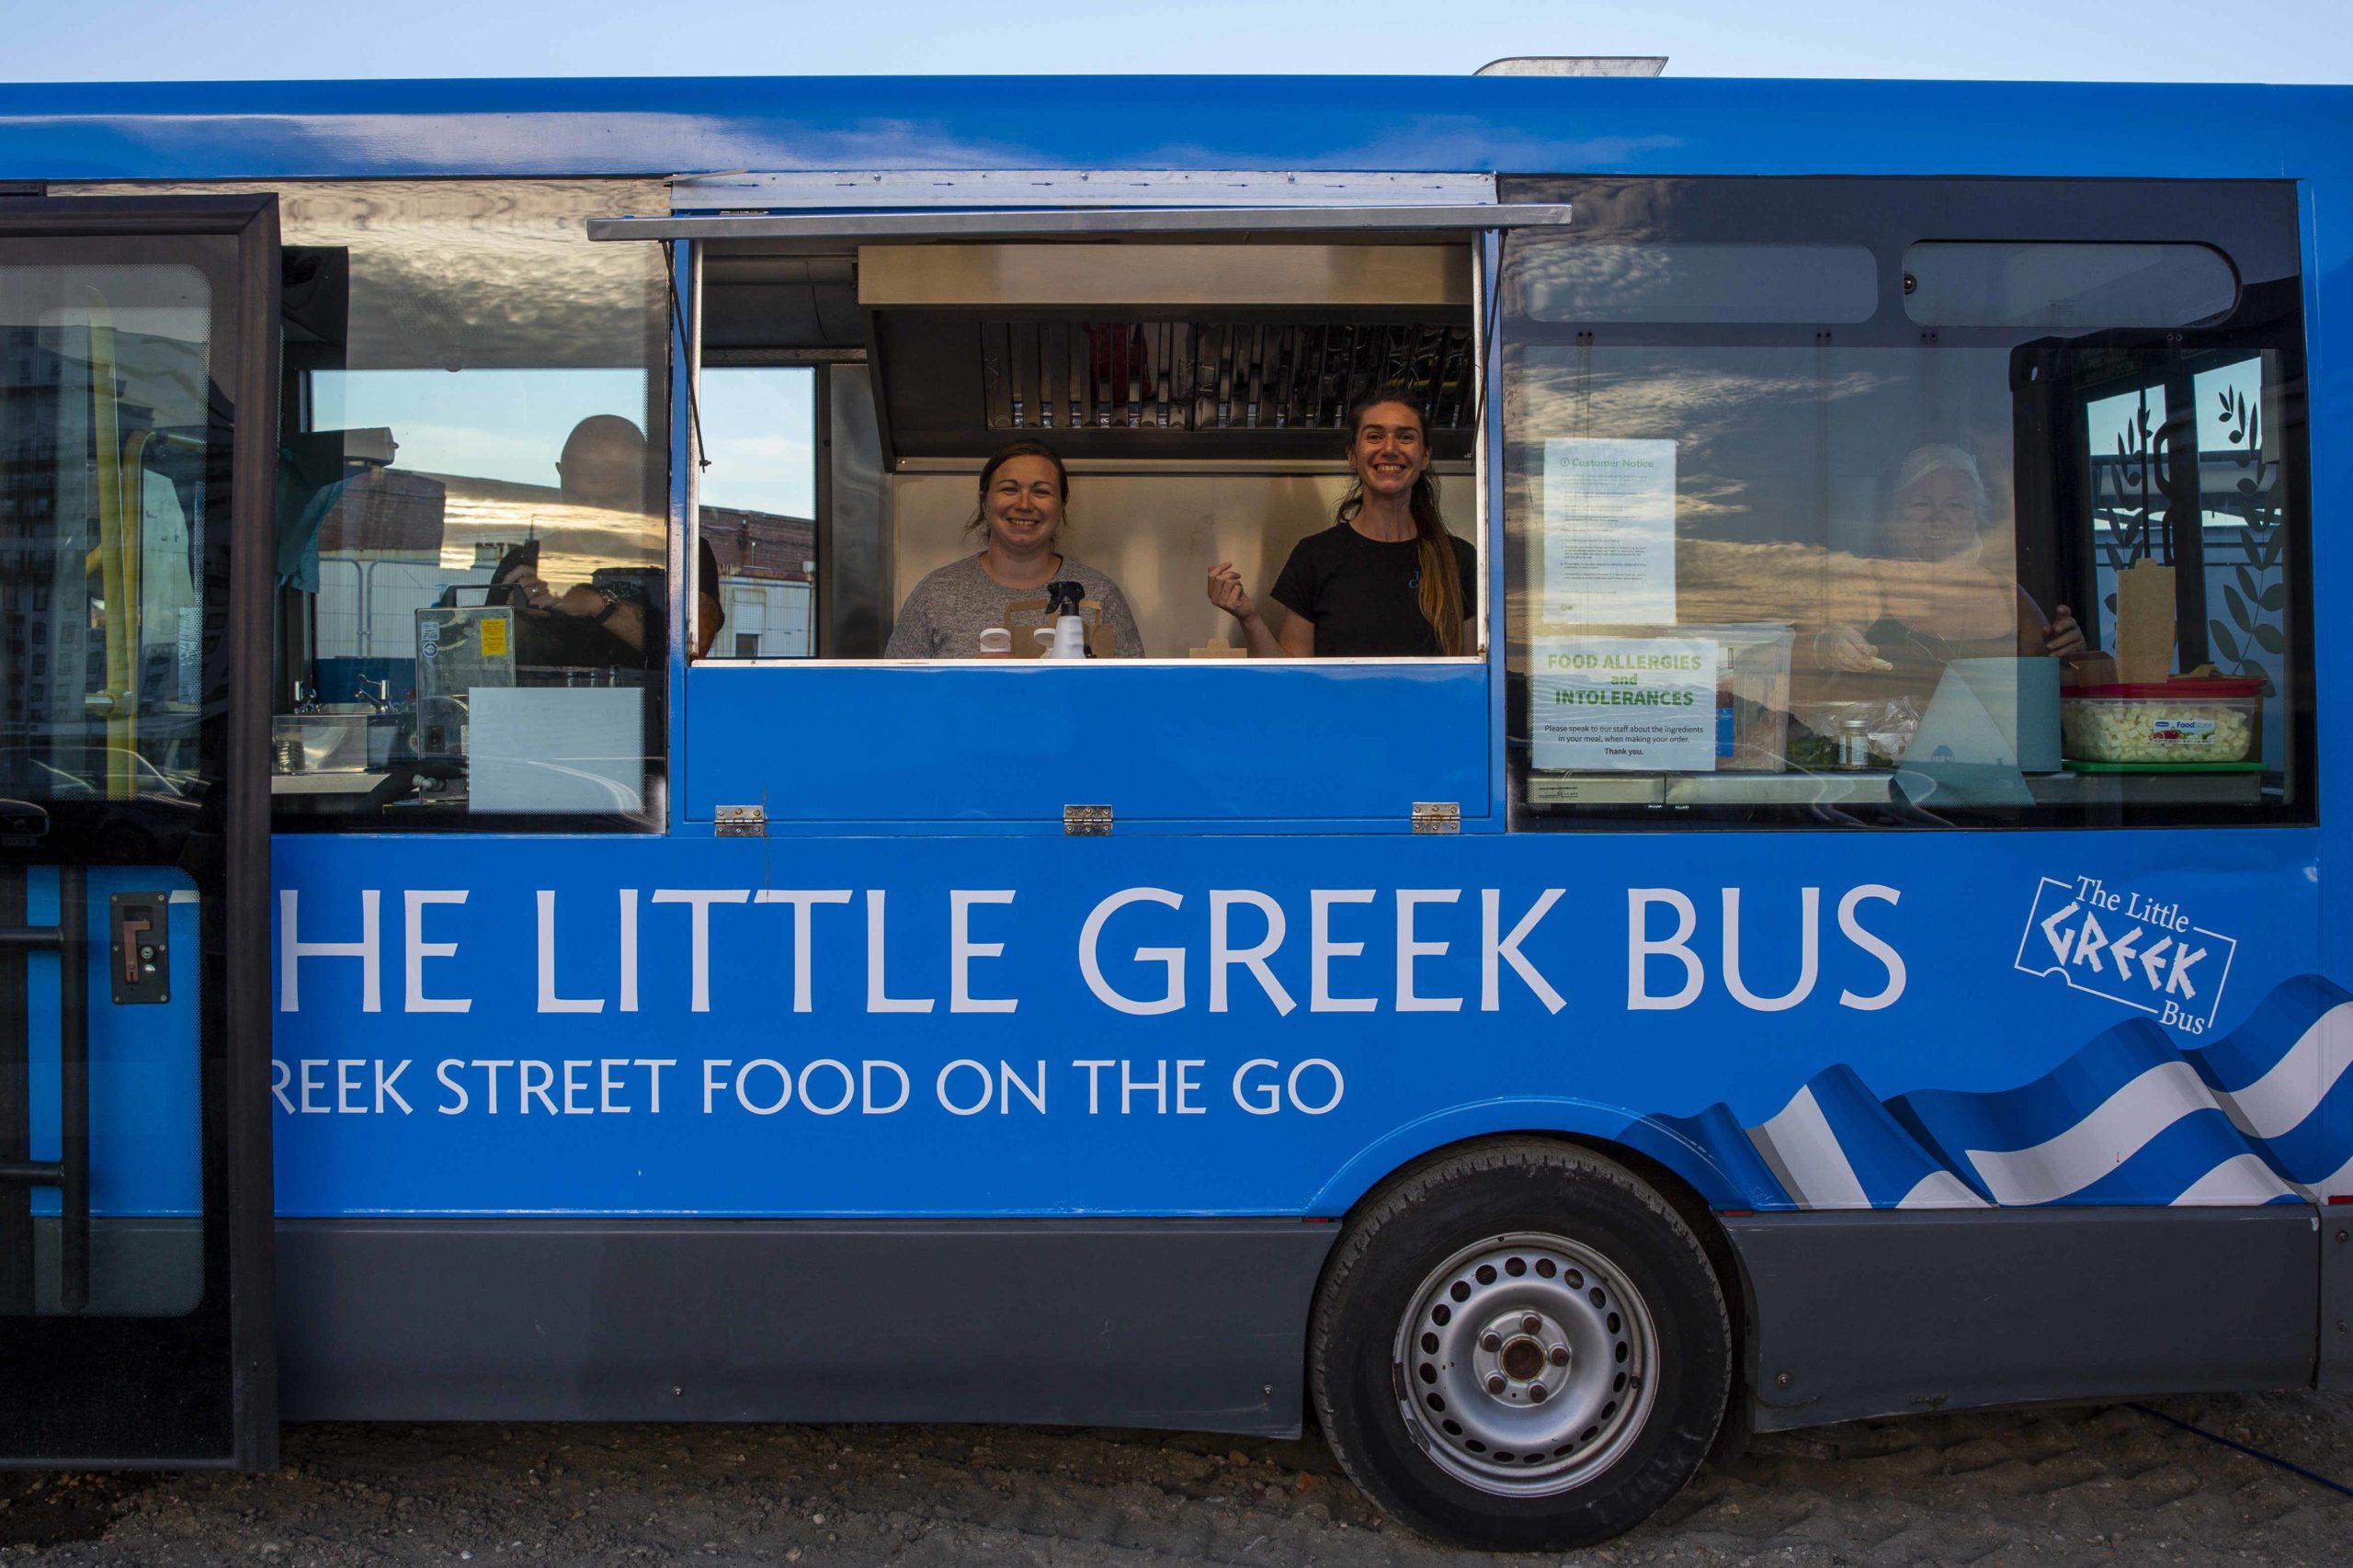 Little Greek Bus Credit Andy Aitchison